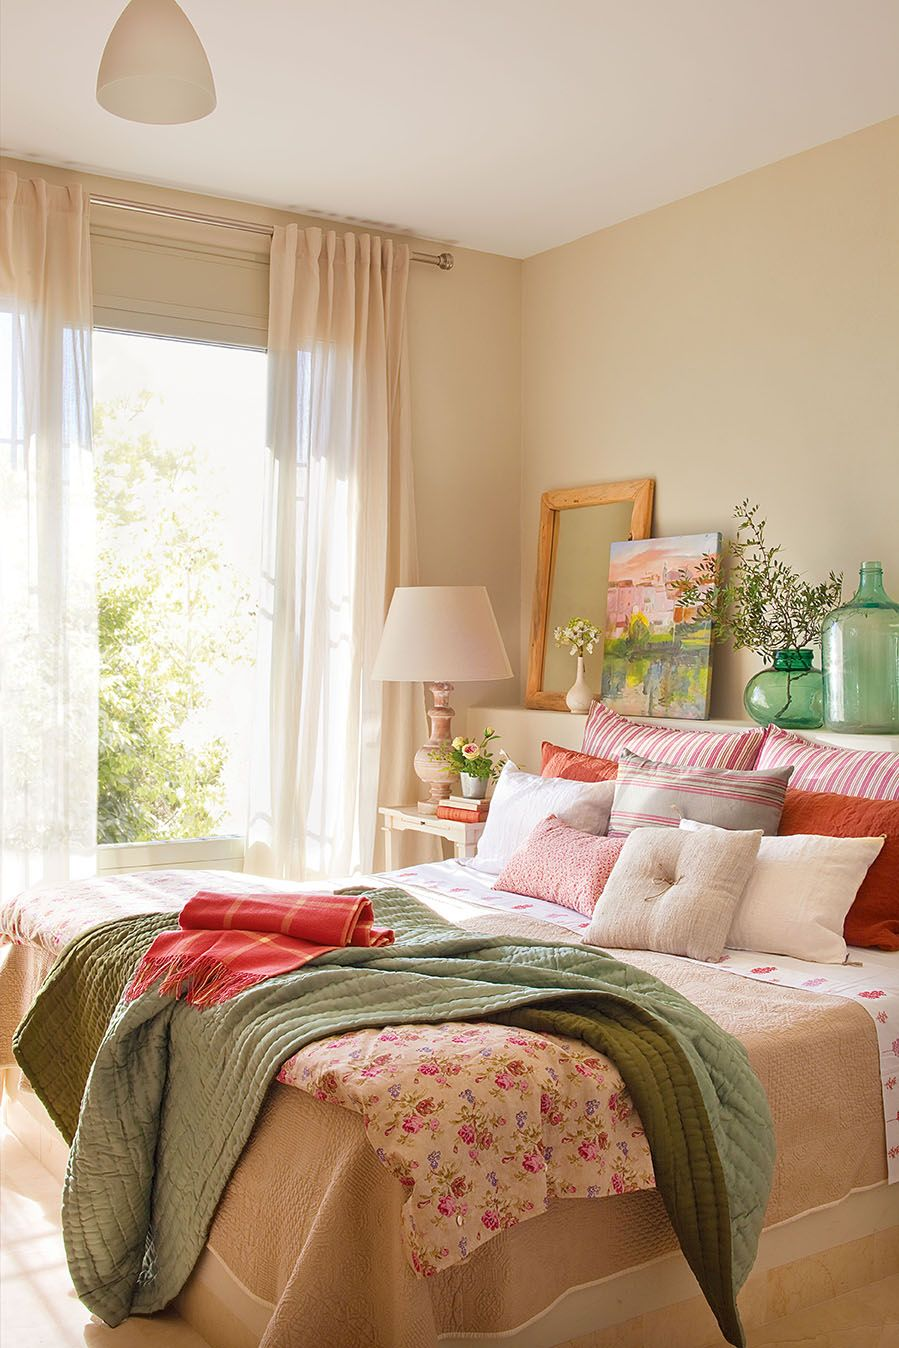 Dormitorios decorados seg n el feng shui para mantener for Feng shui amor y matrimonio